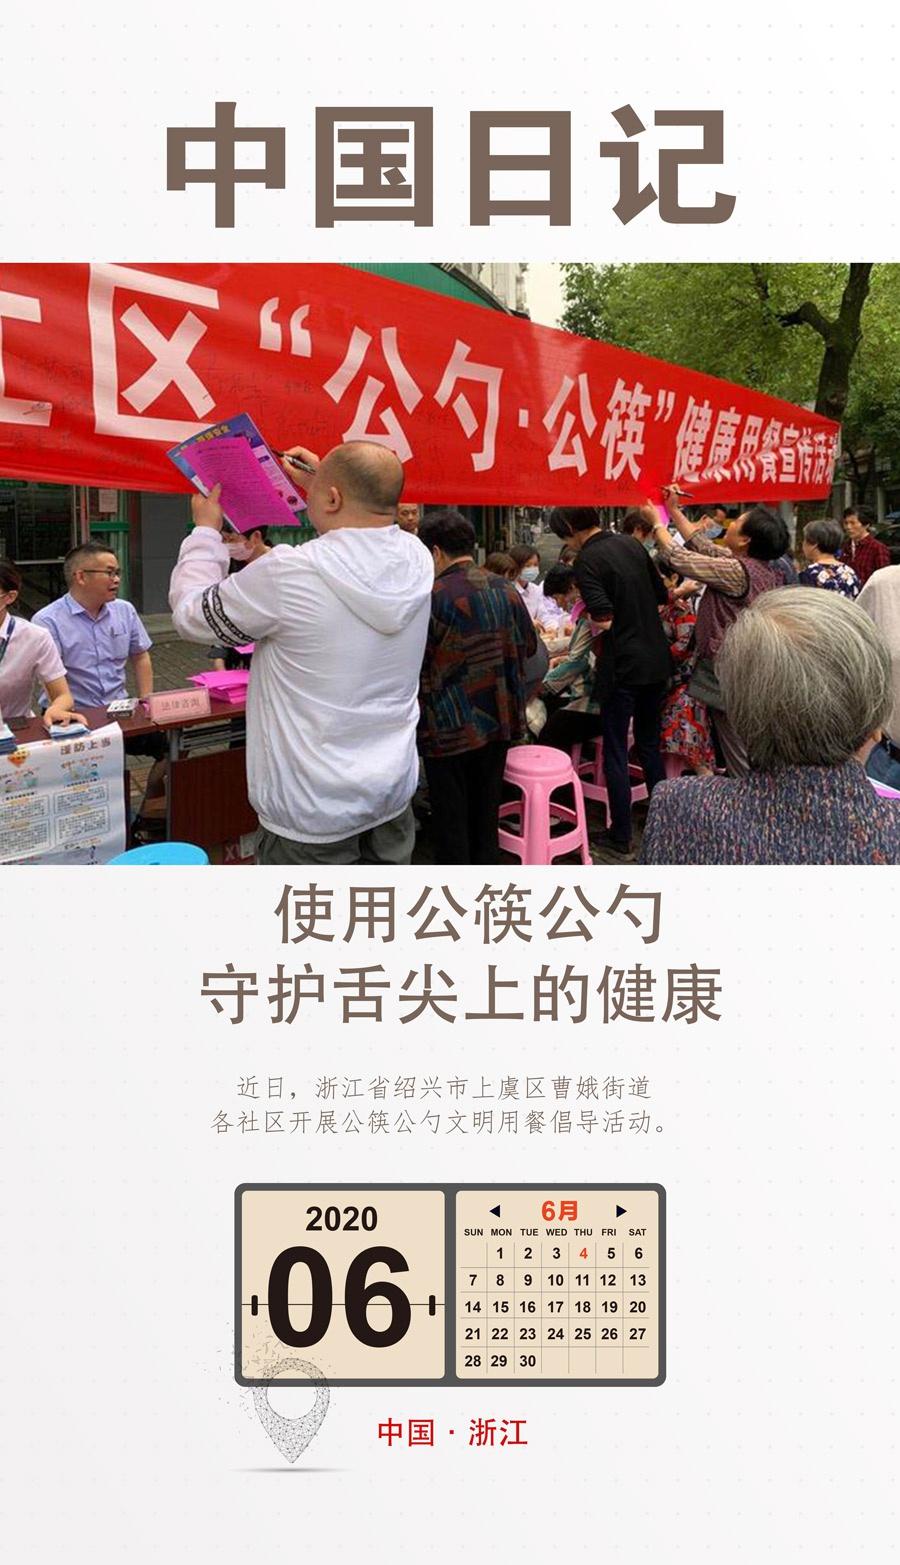 【贏咖3】6月4日 使贏咖3用公筷公勺守護舌尖上的圖片